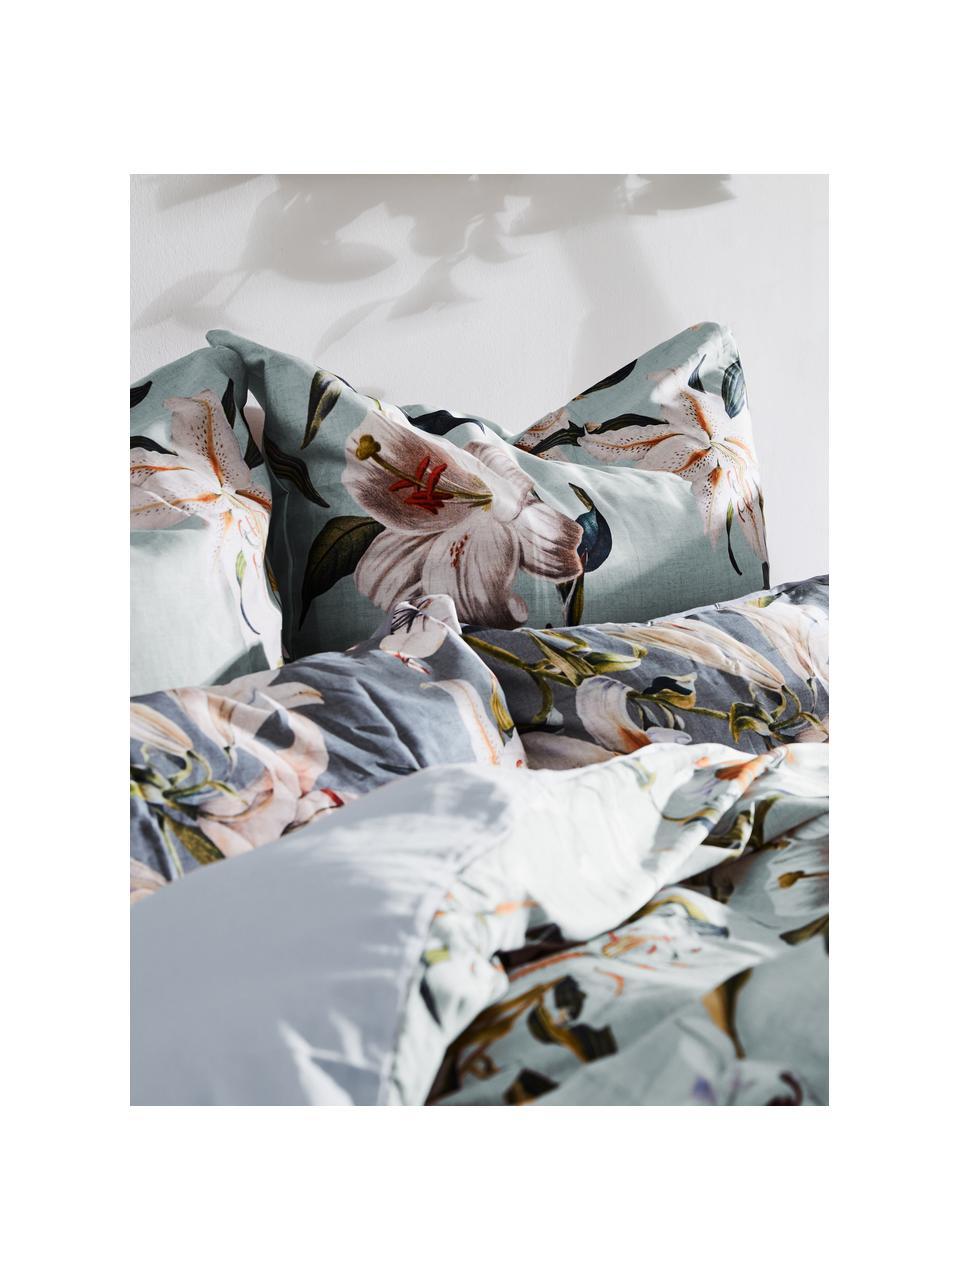 Baumwollsatin-Bettwäsche Flori in Grau mit Blumen-Print, Webart: Satin Fadendichte 210 TC,, Vorderseite: Blau, CremeweißRückseite: Blau, 240 x 220 cm + 2 Kissen 80 x 80 cm